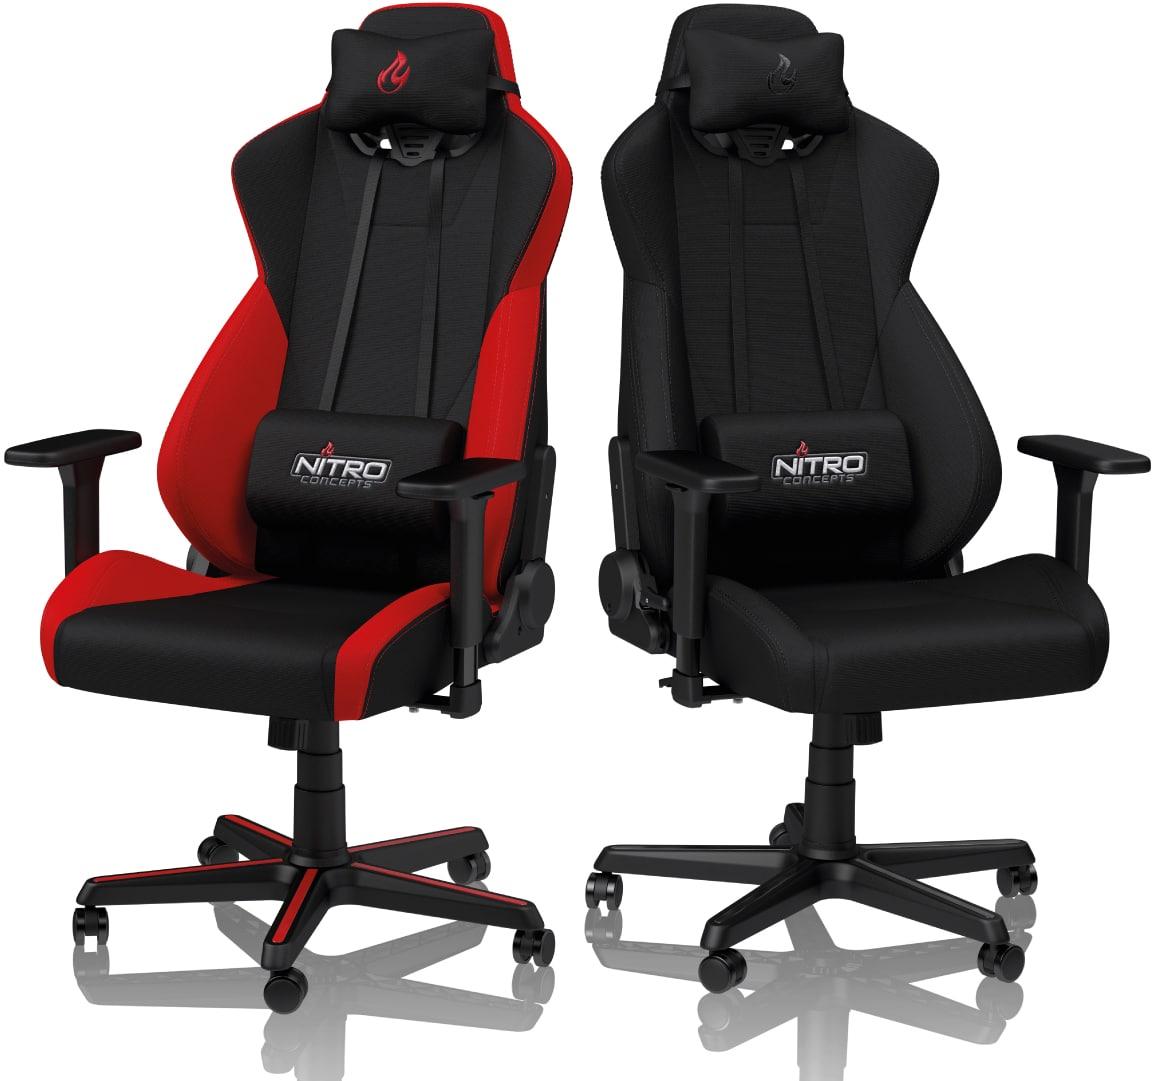 Red und Black Stealth Version des getesteten S300